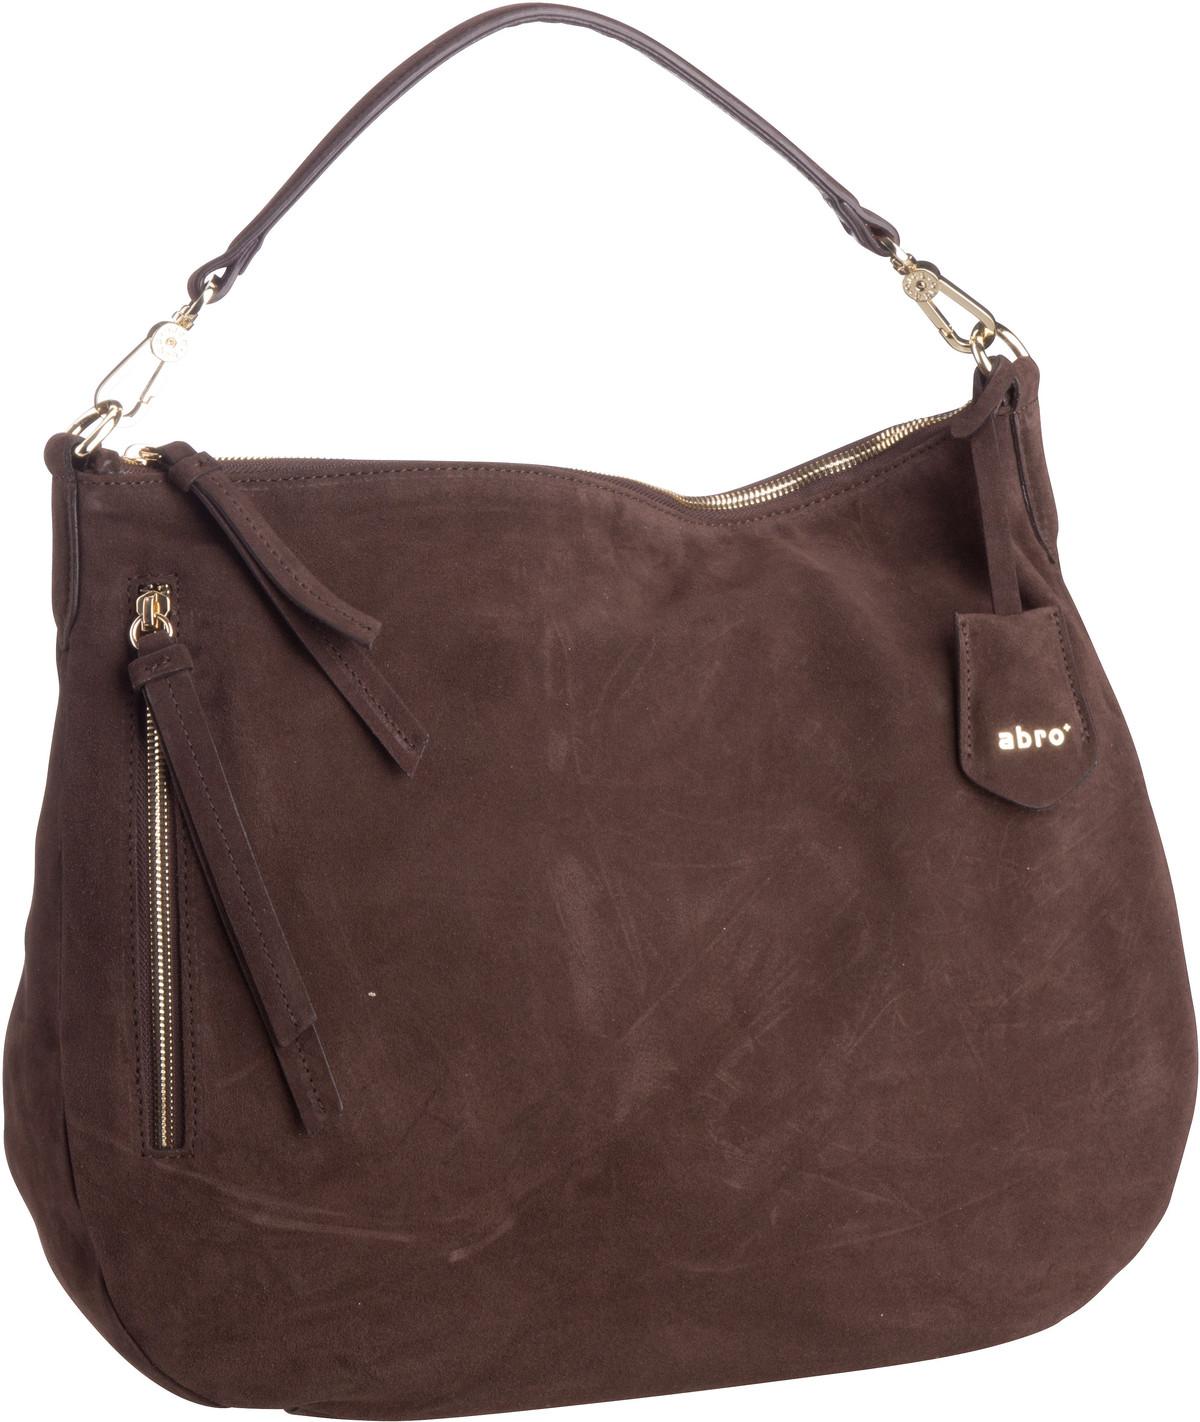 Handtasche Juna 29018 Dark Brown